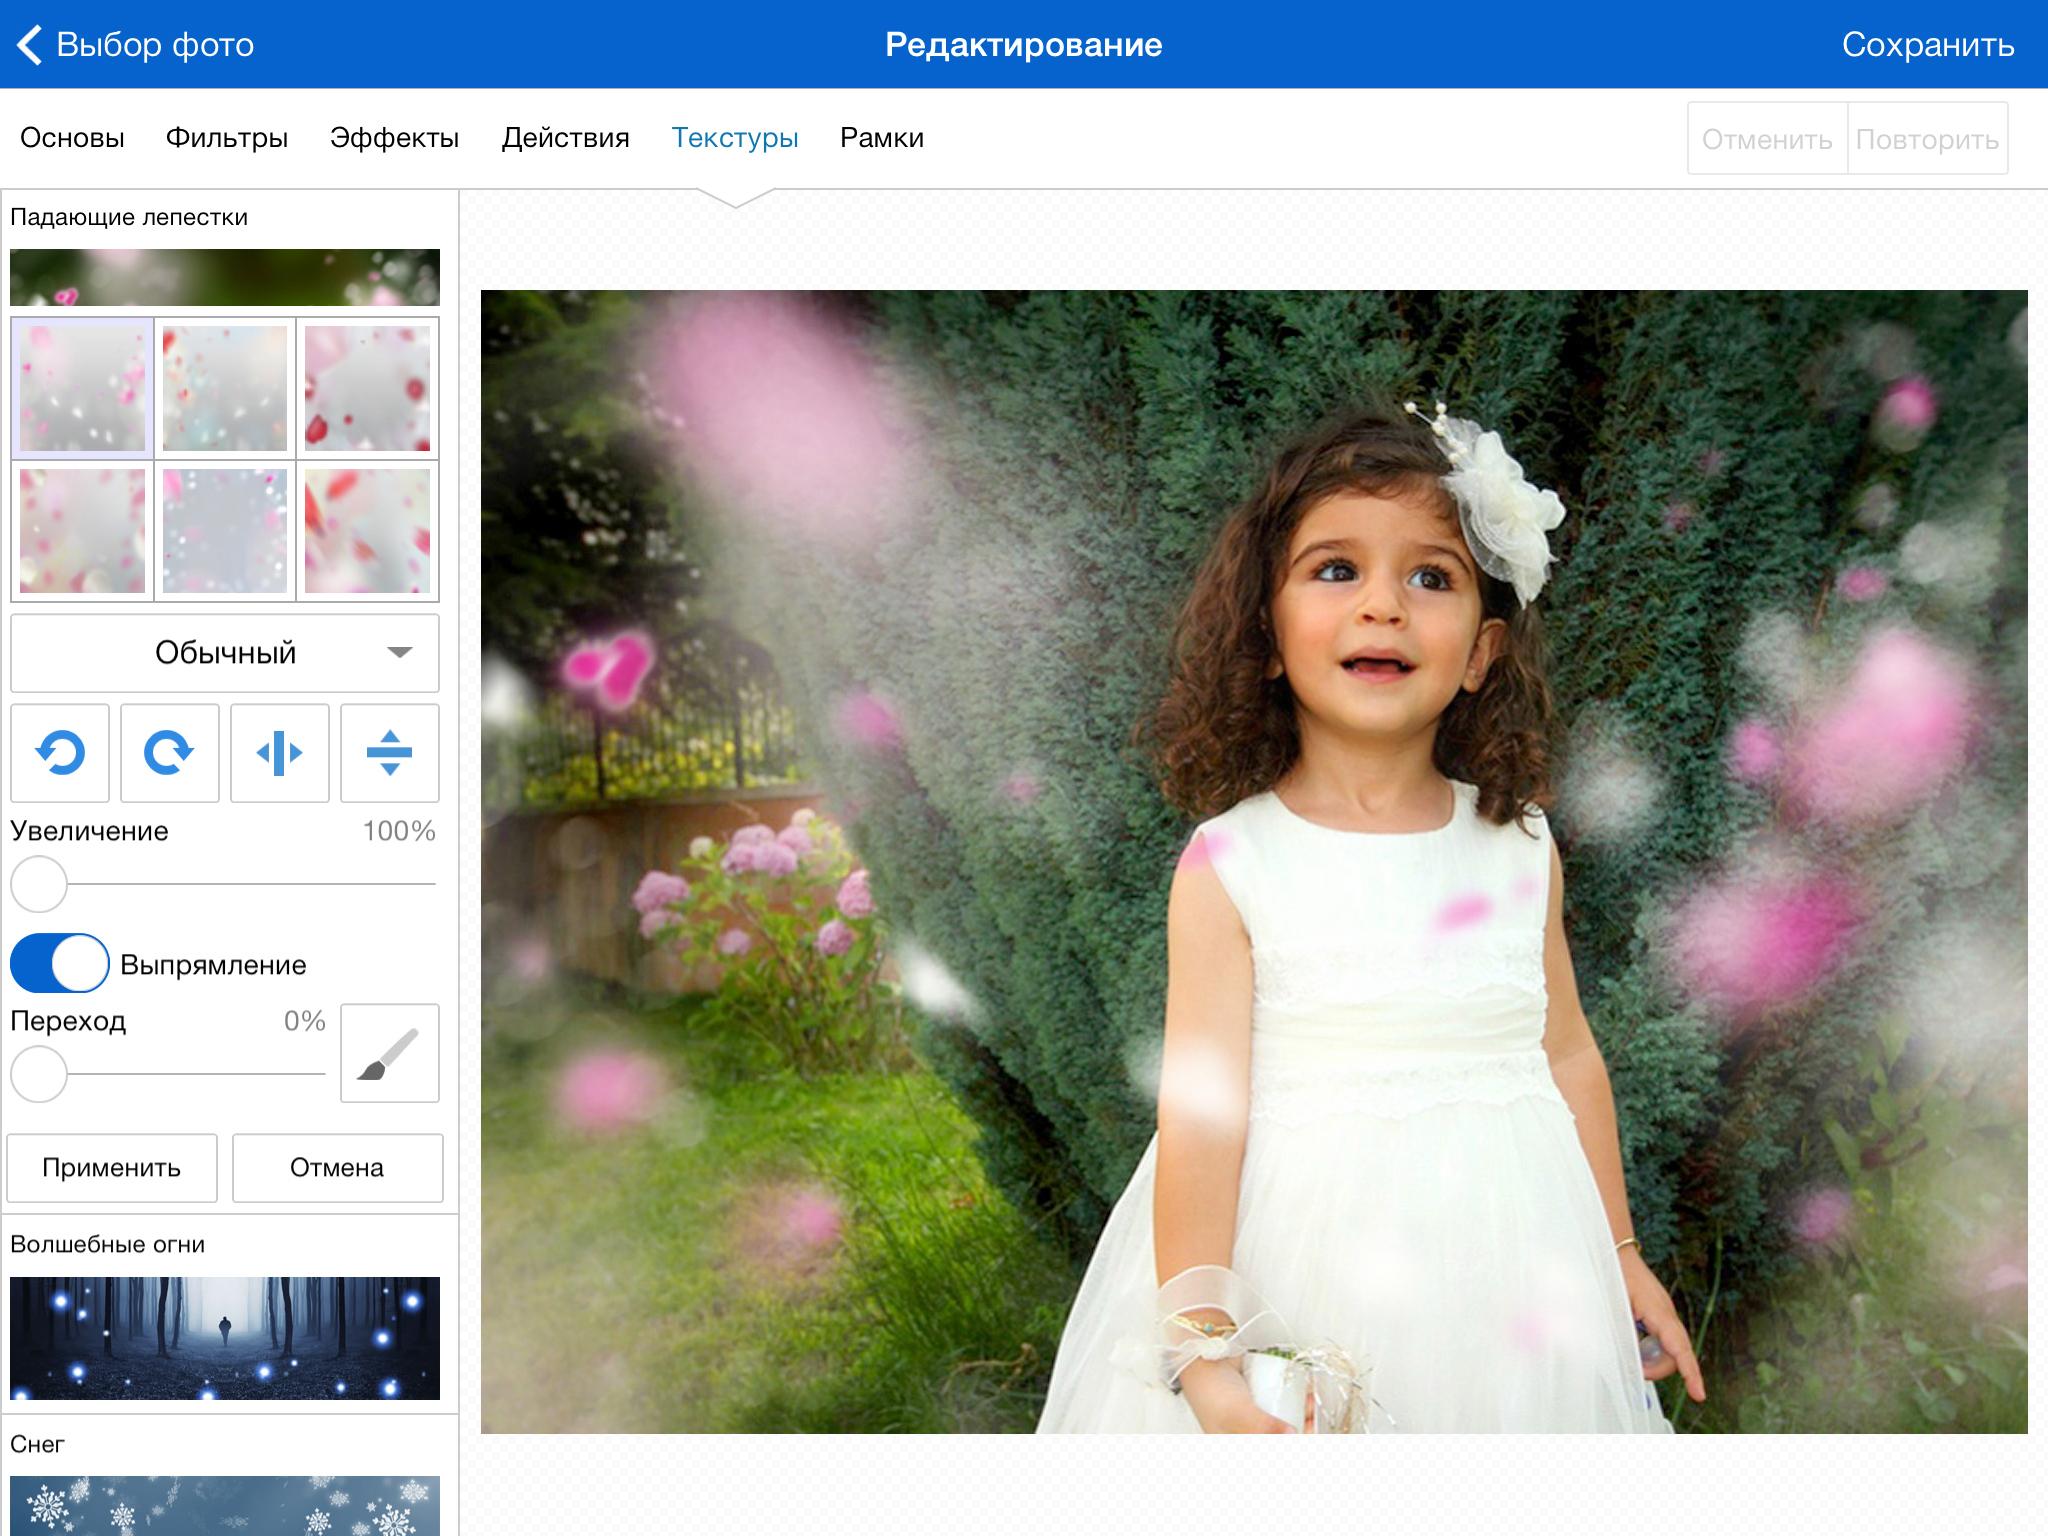 программы для наложения наклеек на фото высокого качества